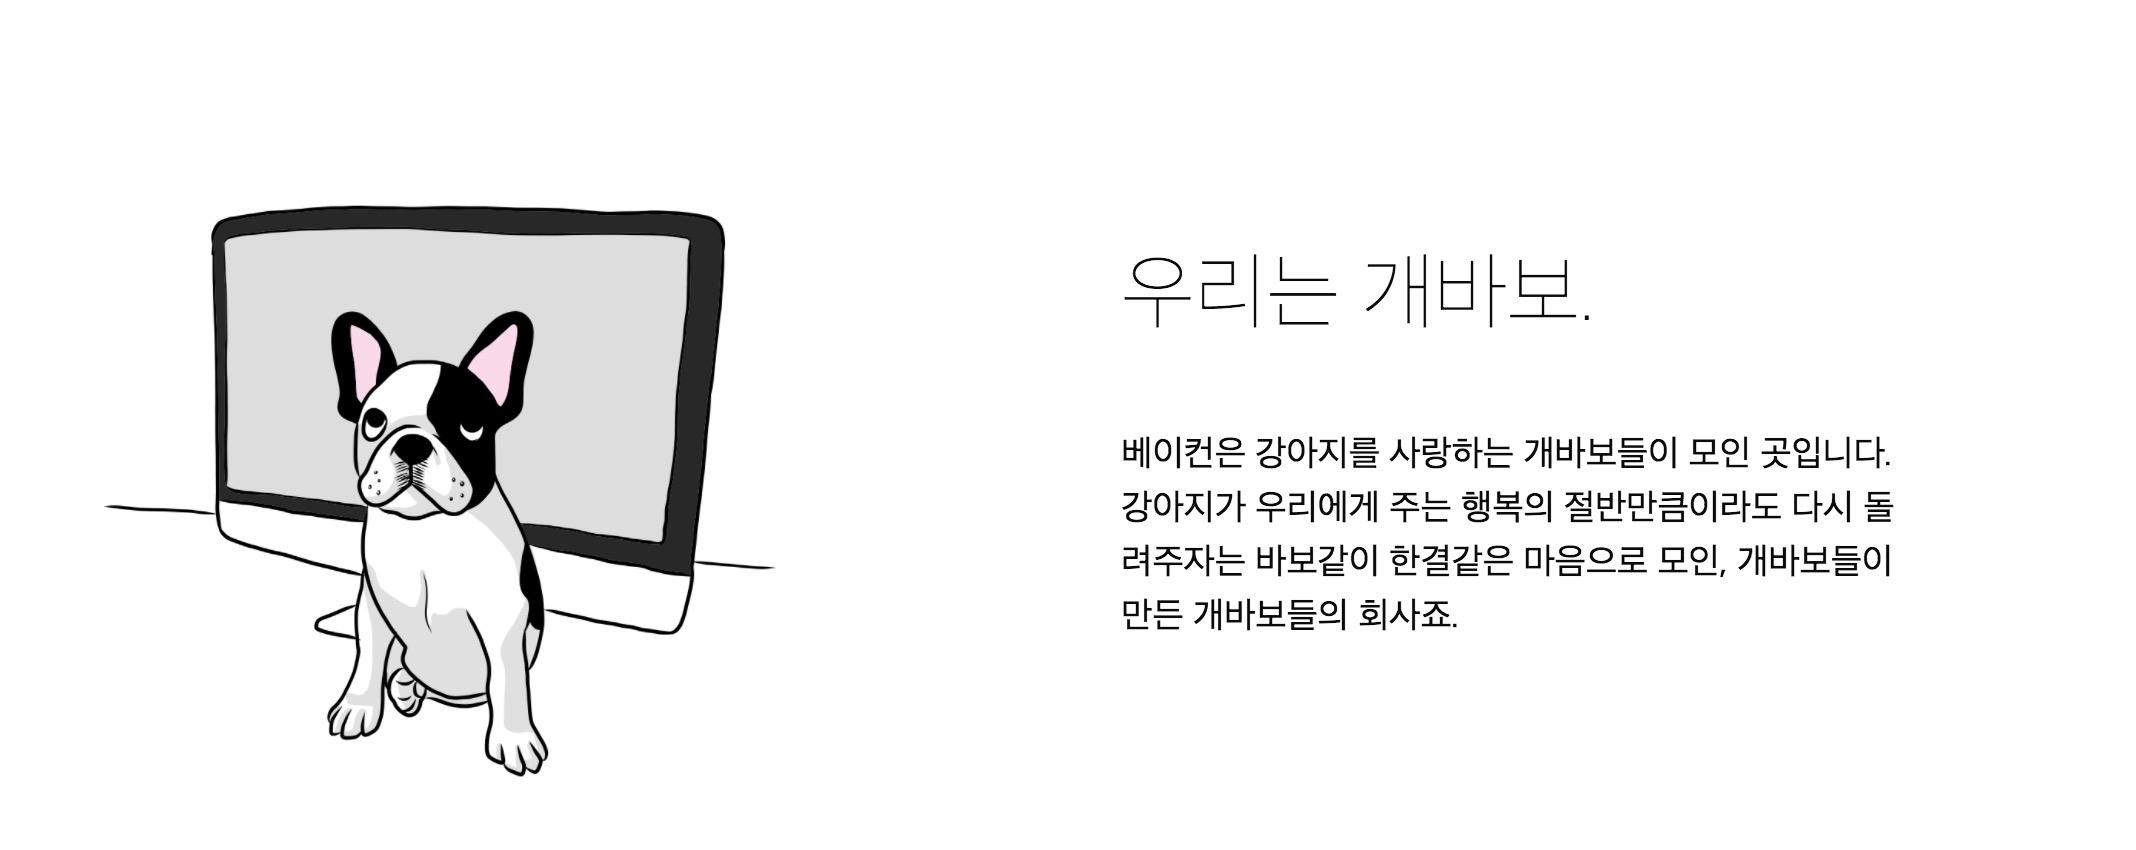 워드프레스 쇼핑몰 사례-코드엠샵-정기결제-베이컨박스-우커머스사례-10